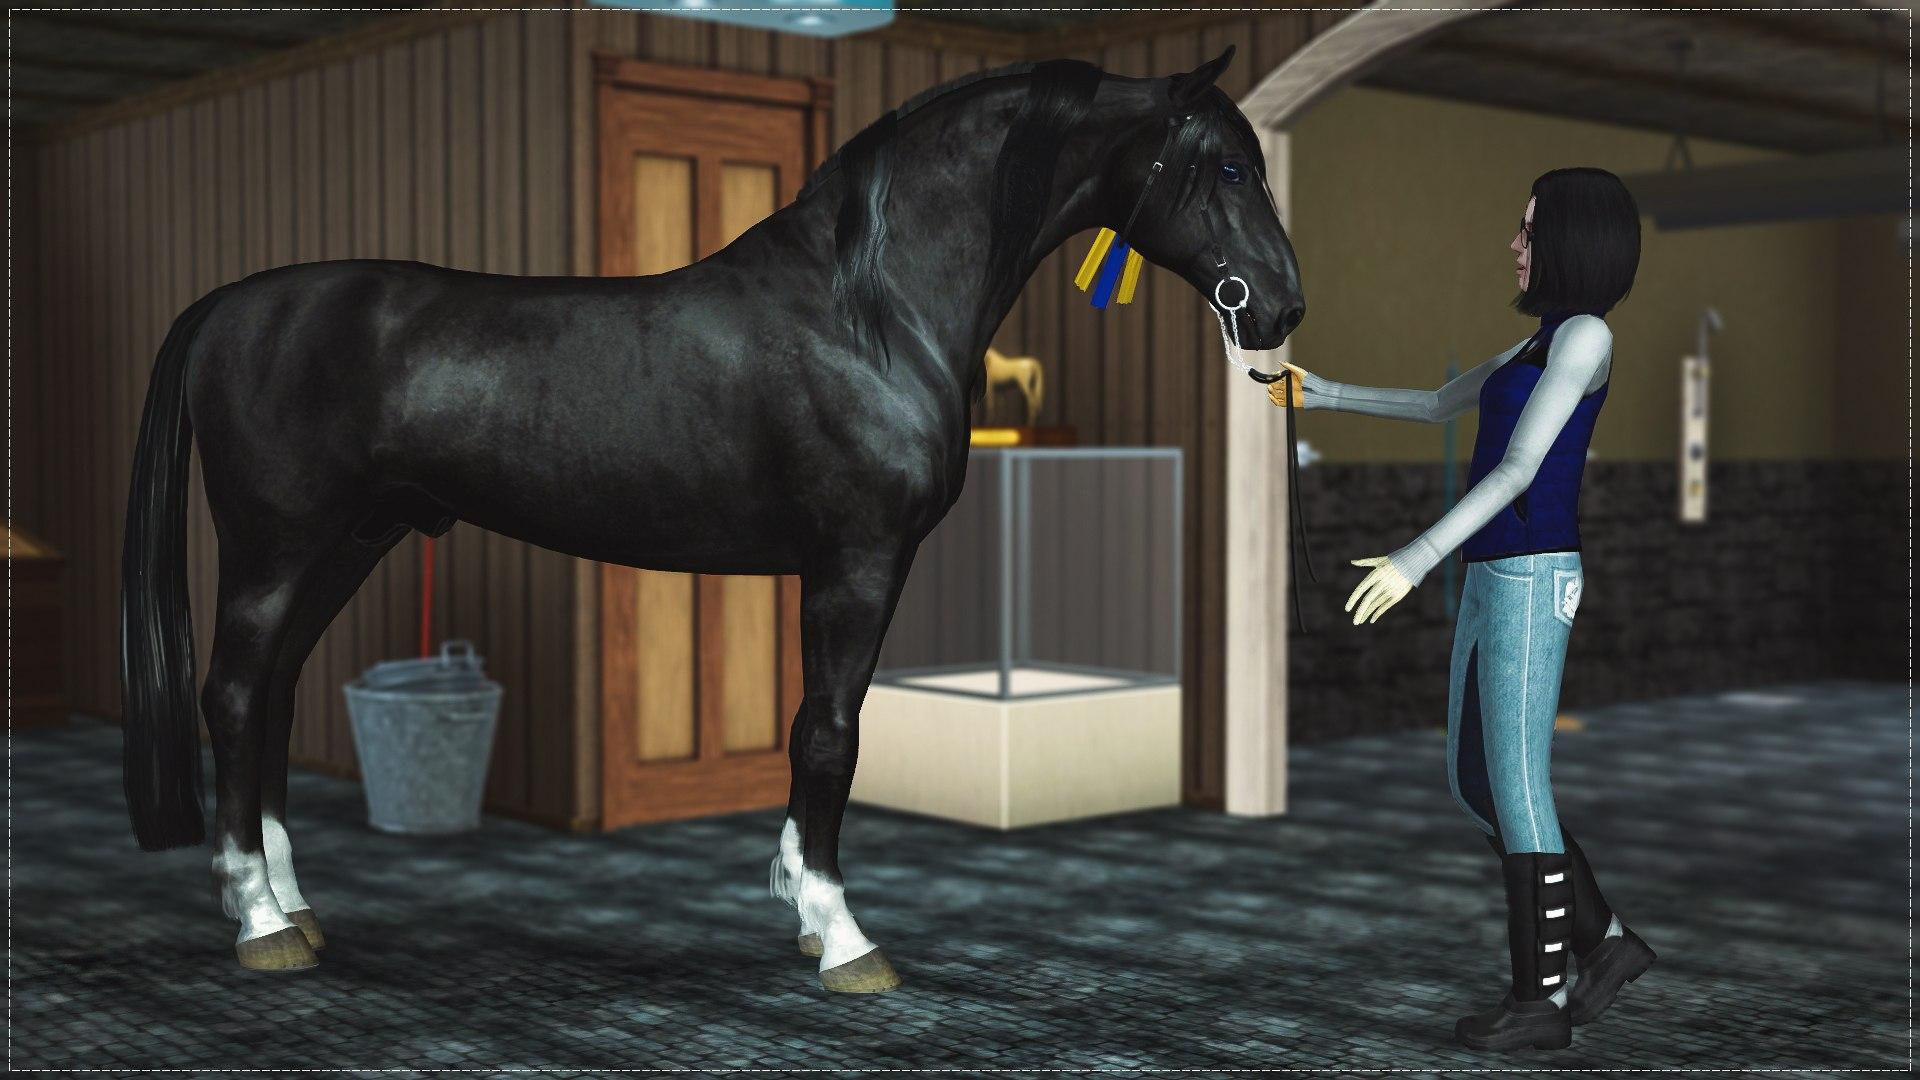 Заявки на удаление лошади из списка - Страница 2 VRAArypYF1M